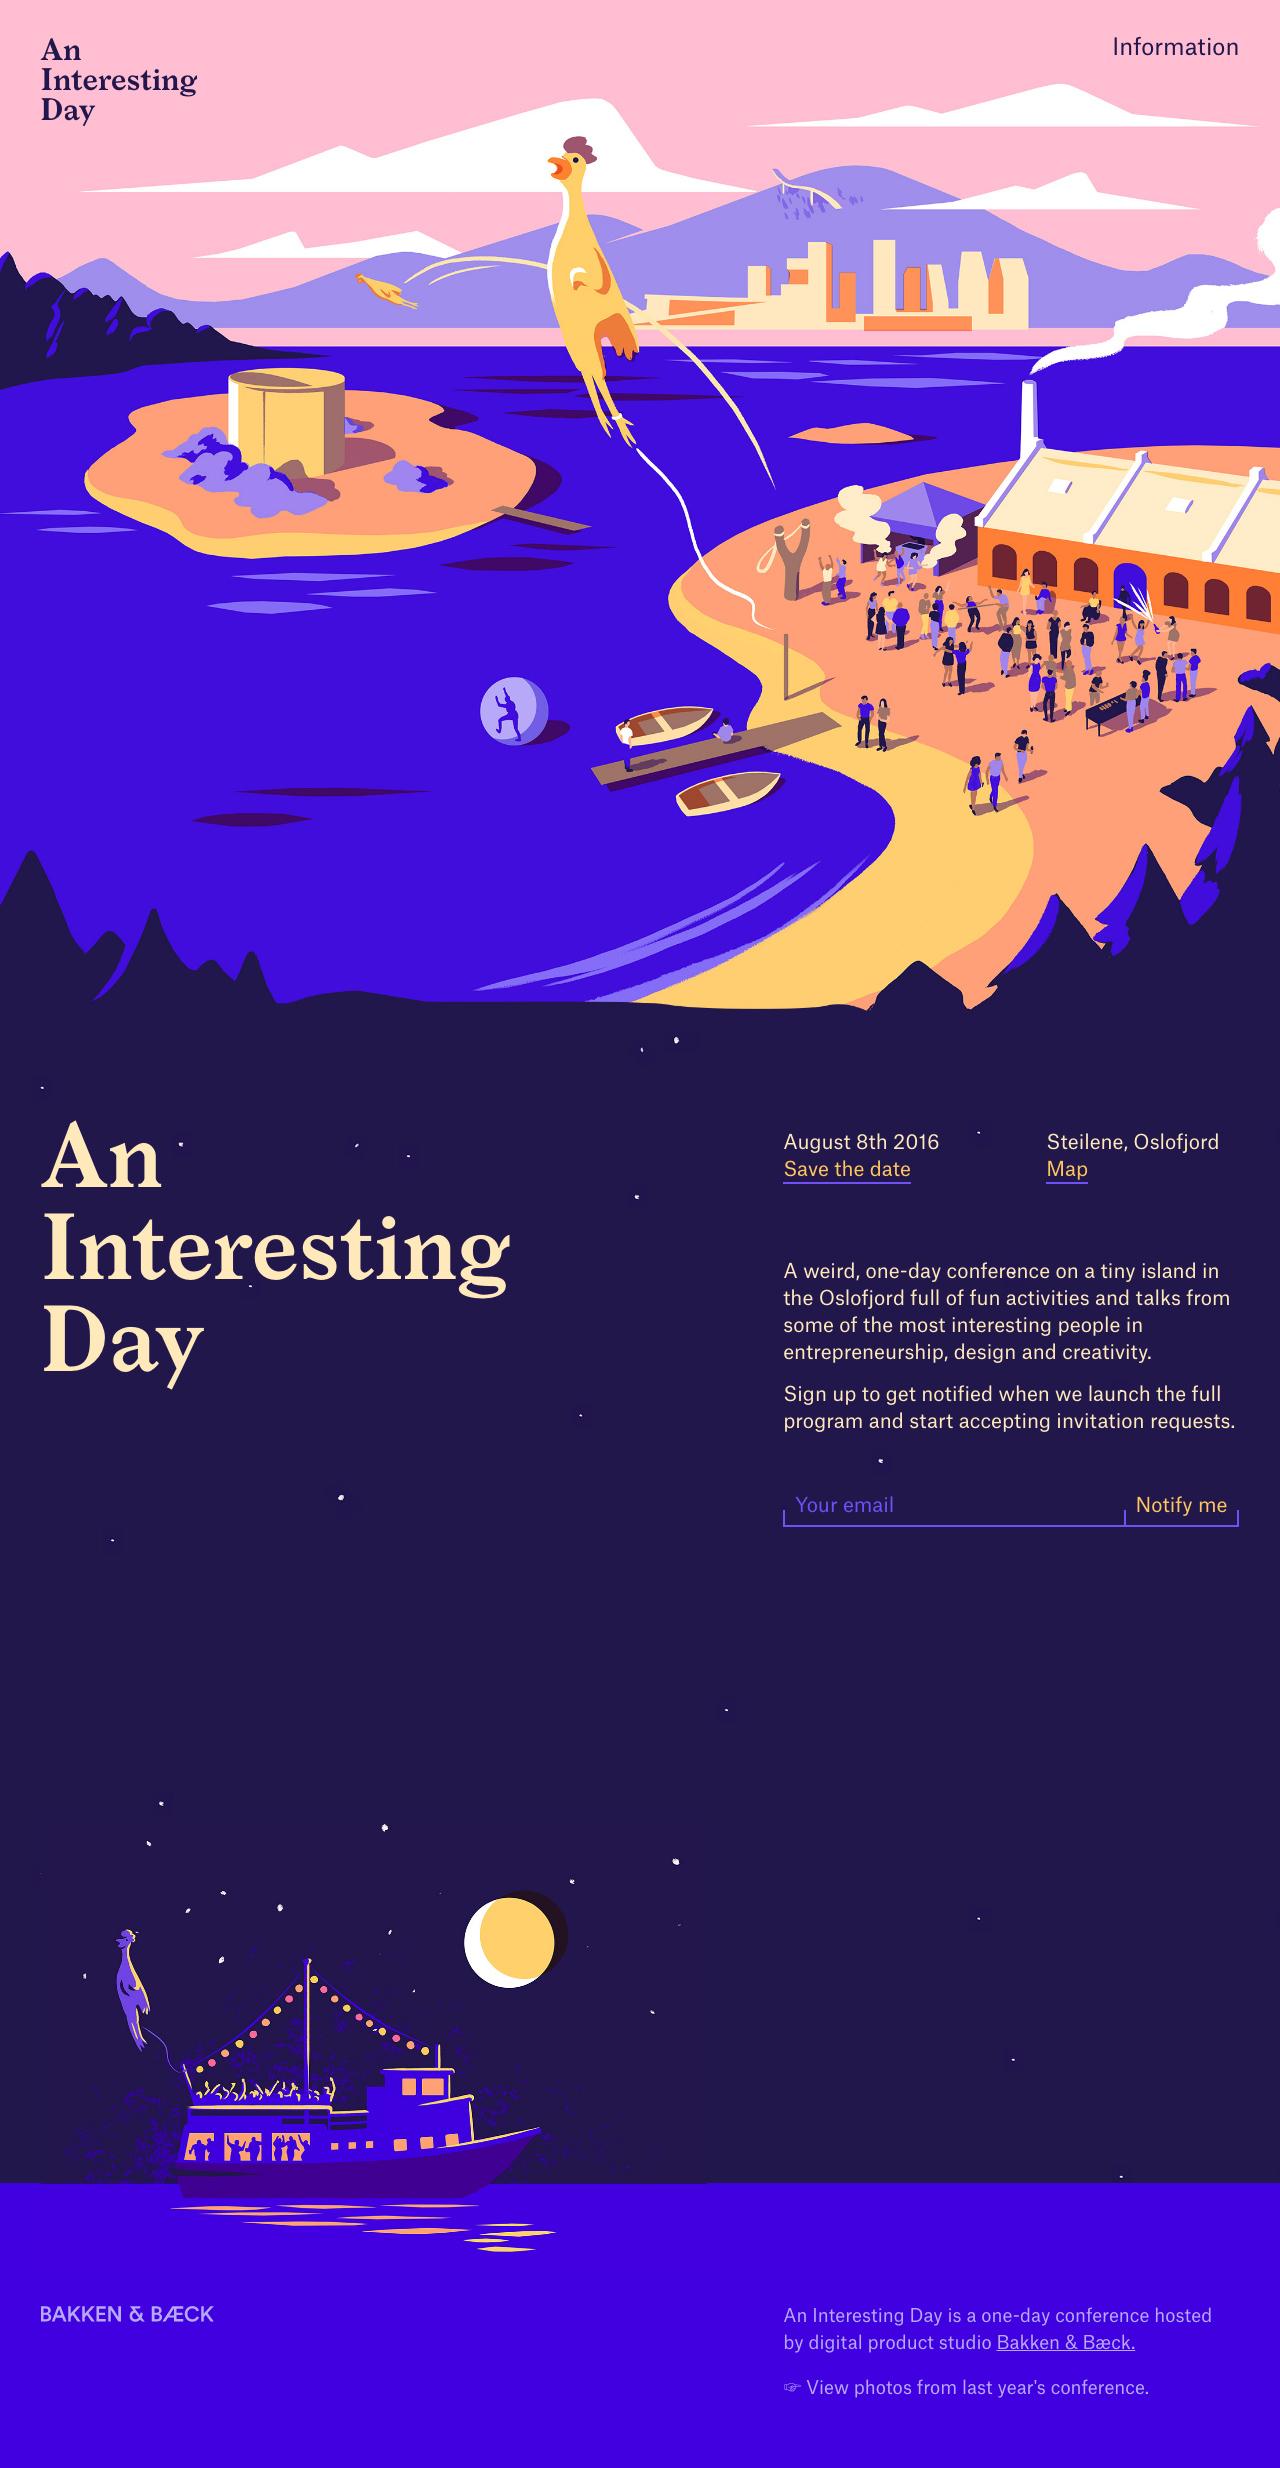 An Interesting Day Website Screenshot